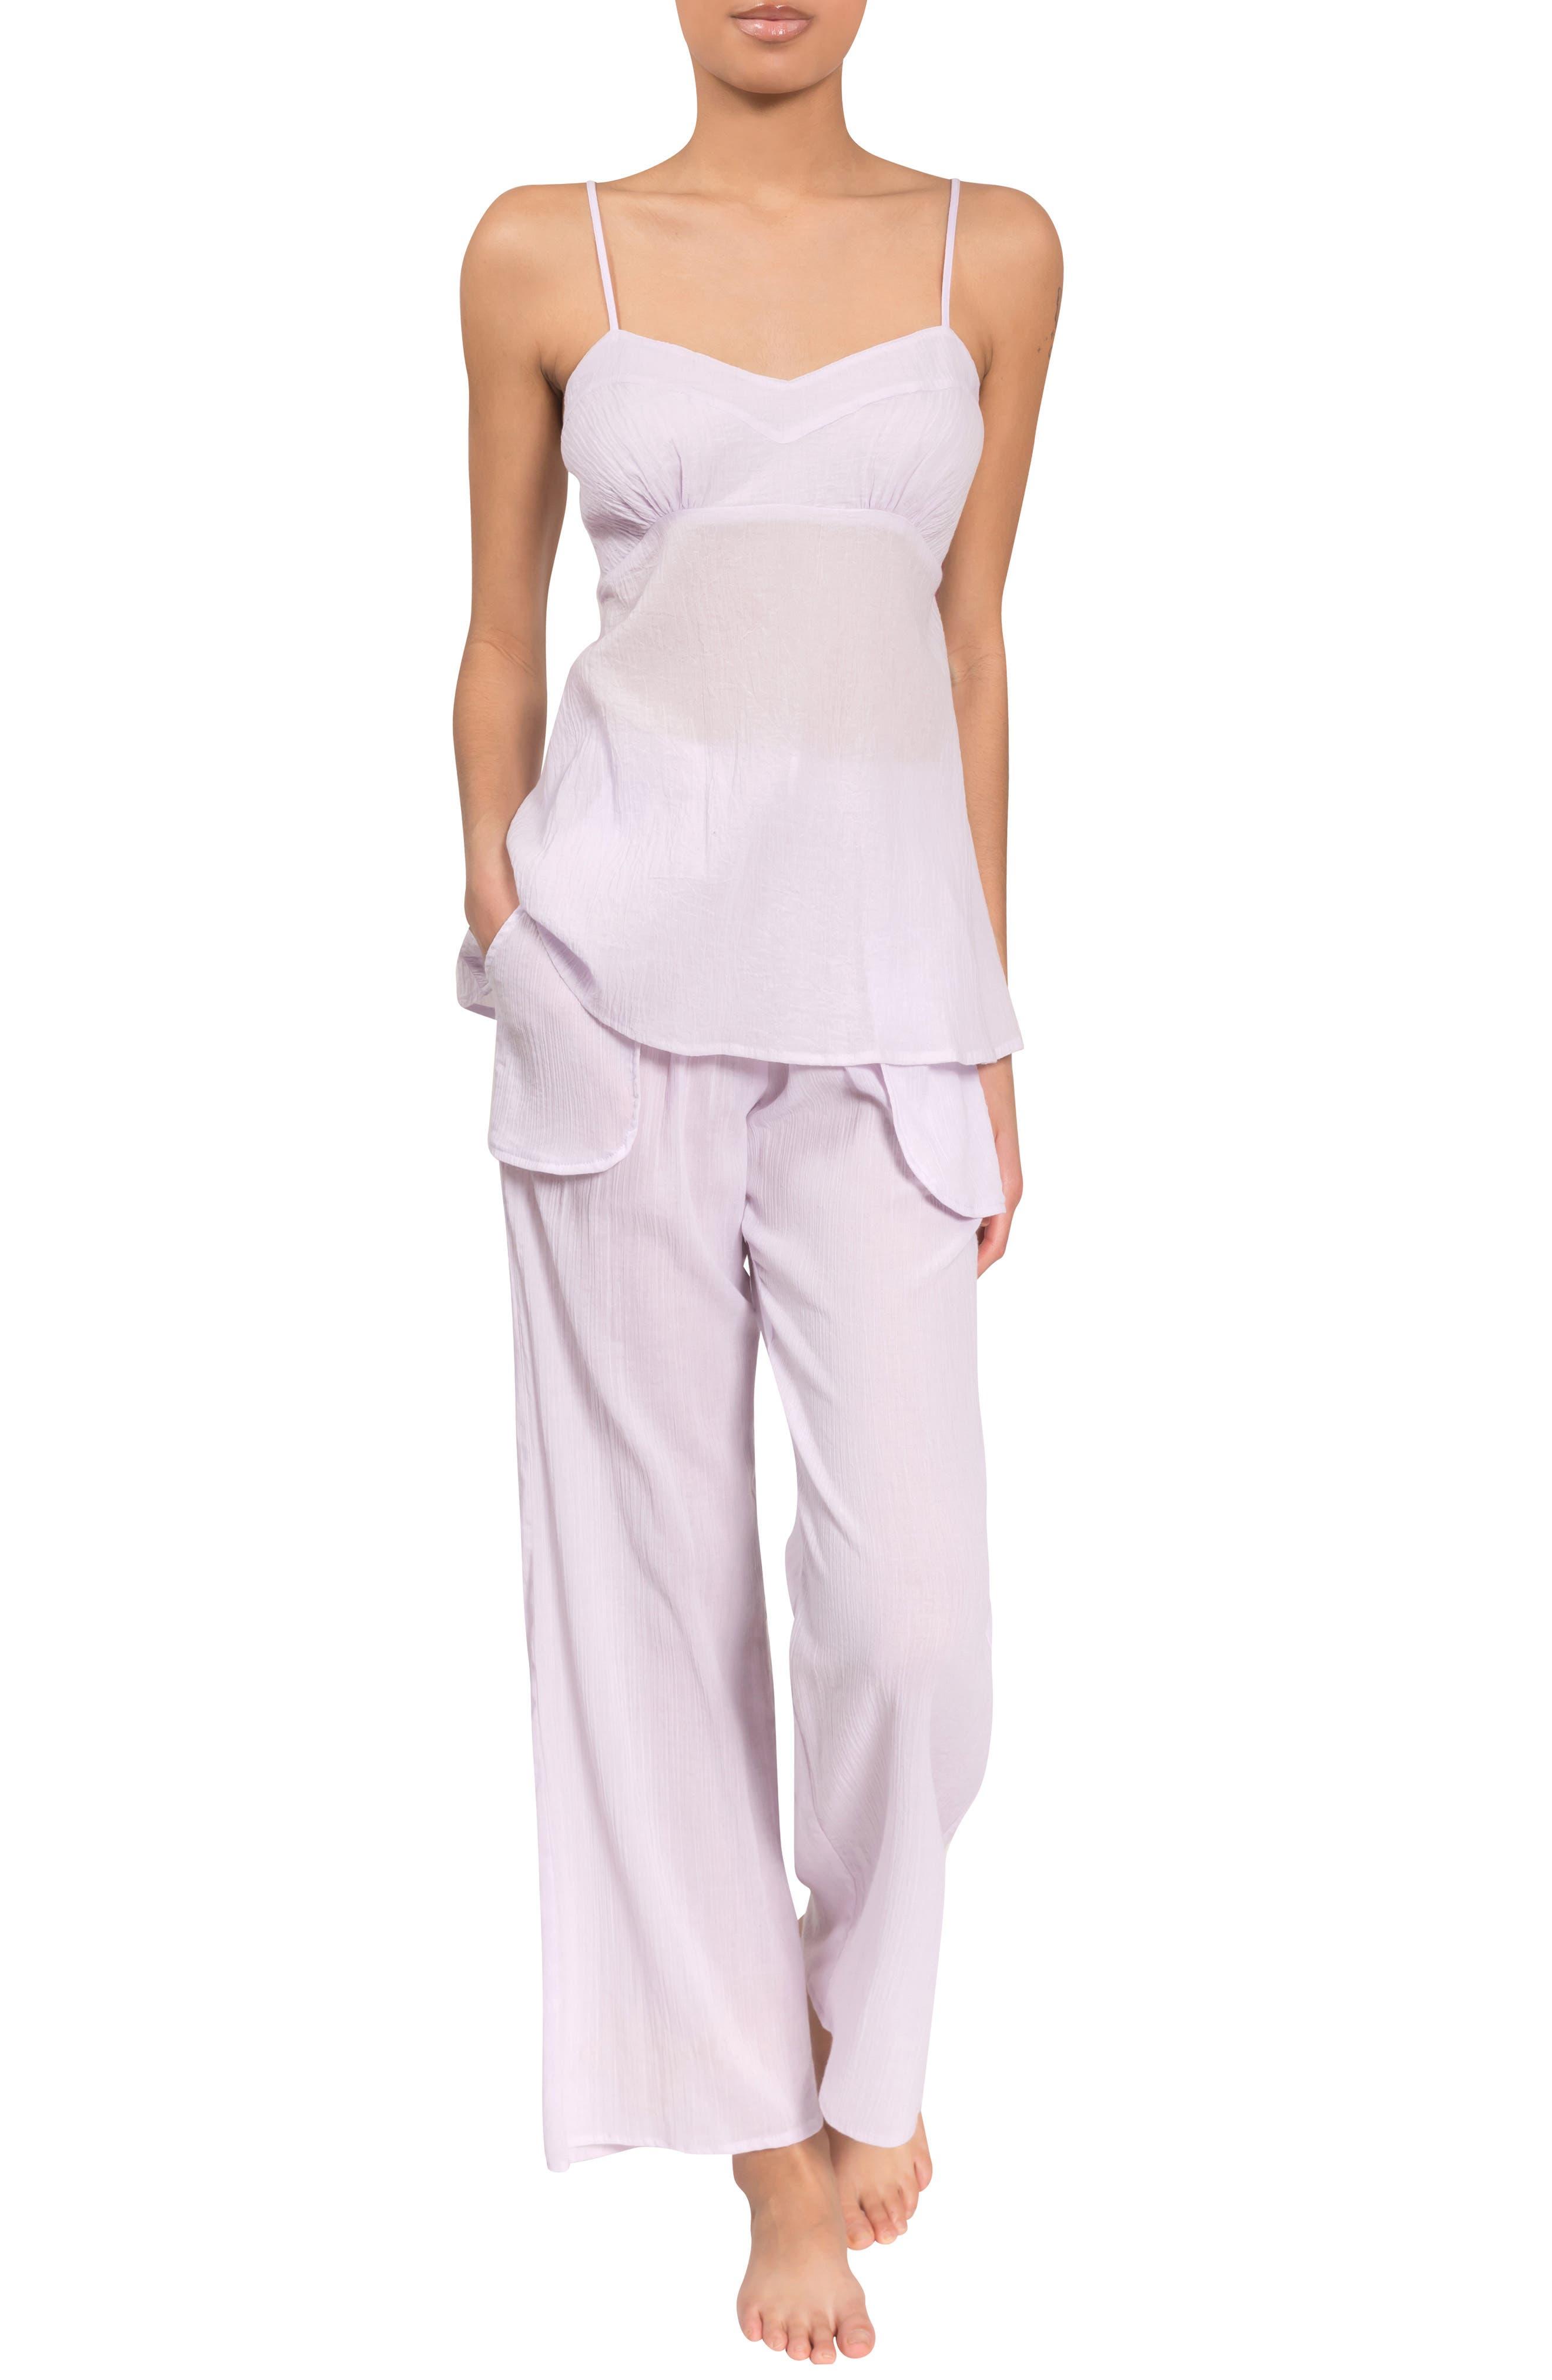 Lily Simone Pajamas